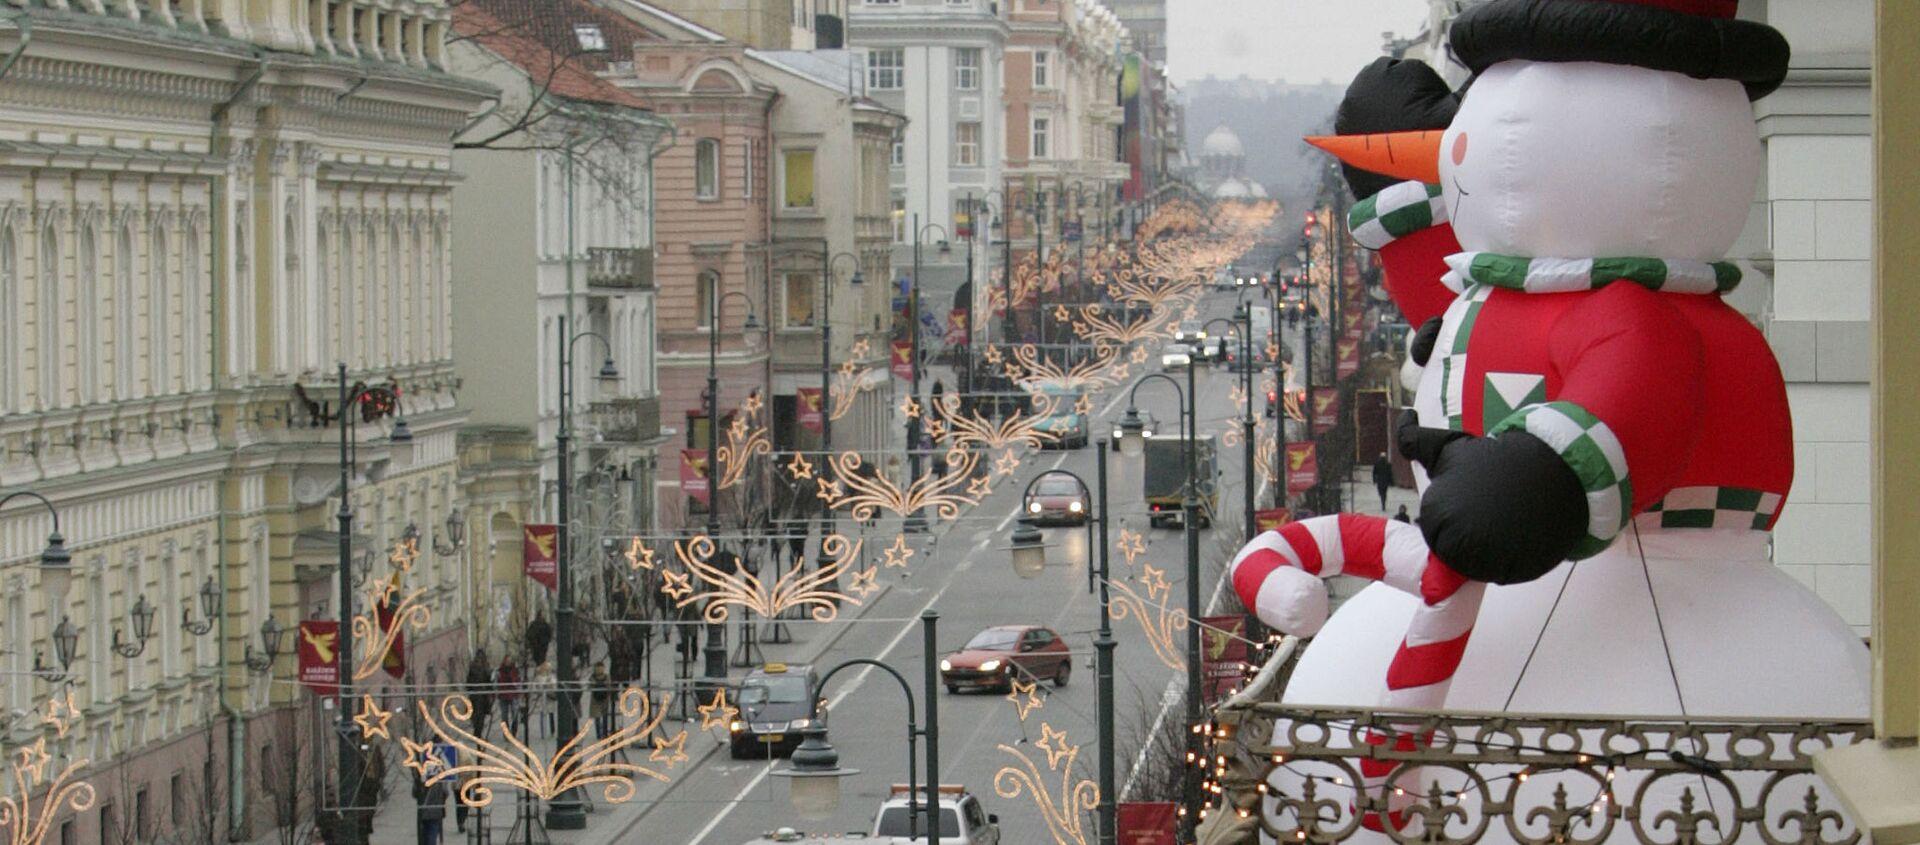 Bałwan na balkonie na Litwie - Sputnik Polska, 1920, 01.01.2021